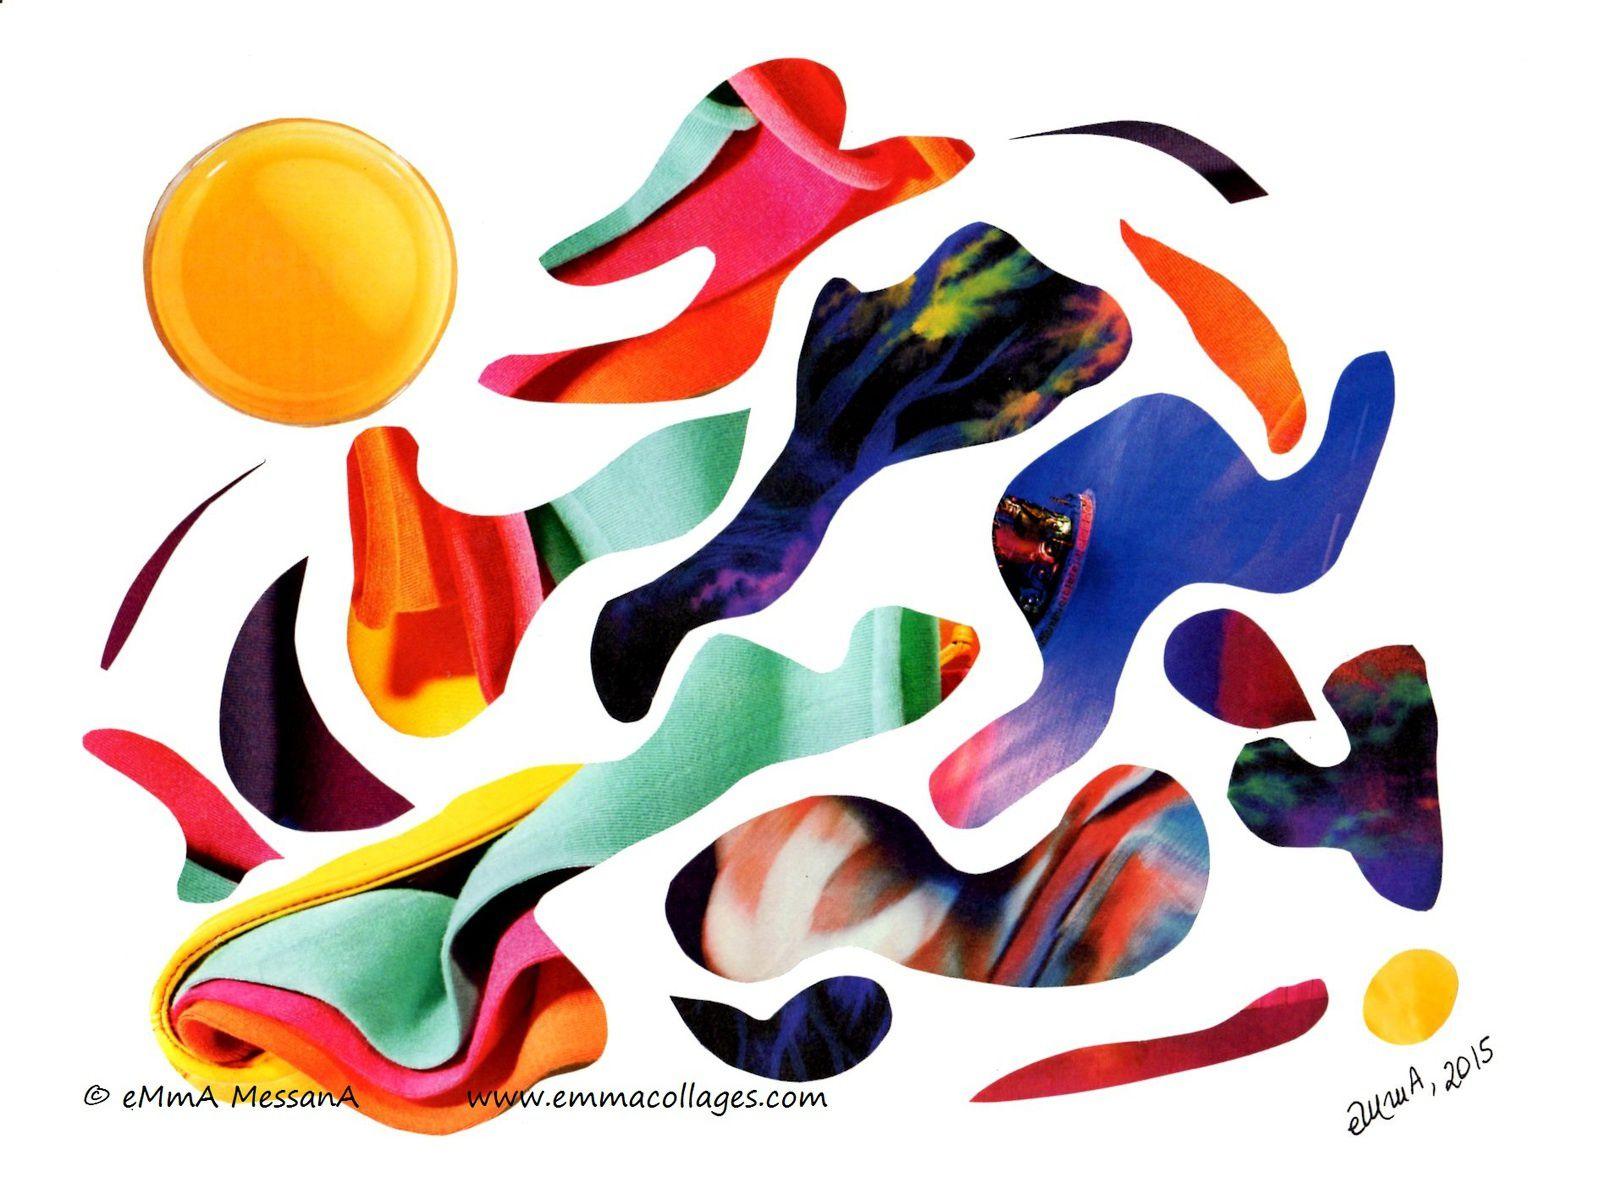 """Les Collages d'eMmA MessanA, collage """"Blop!"""", pièce unique © eMmA MessanA"""